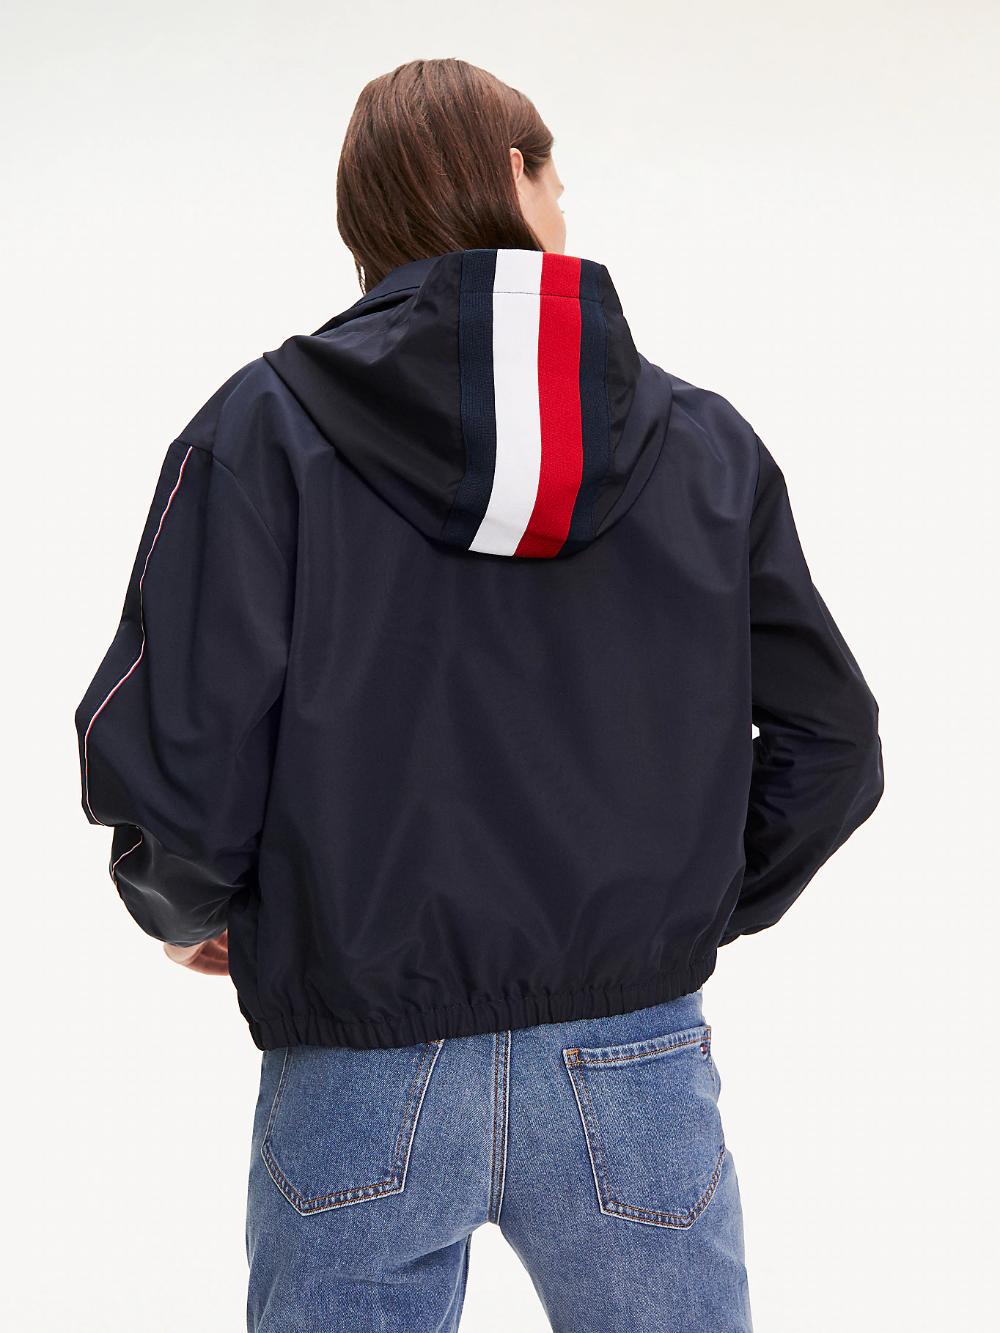 Funnel Neck Windbreaker Blue Tommy Hilfiger Outerwear Jackets Women S Coats Jackets Windbreaker [ 1333 x 1000 Pixel ]